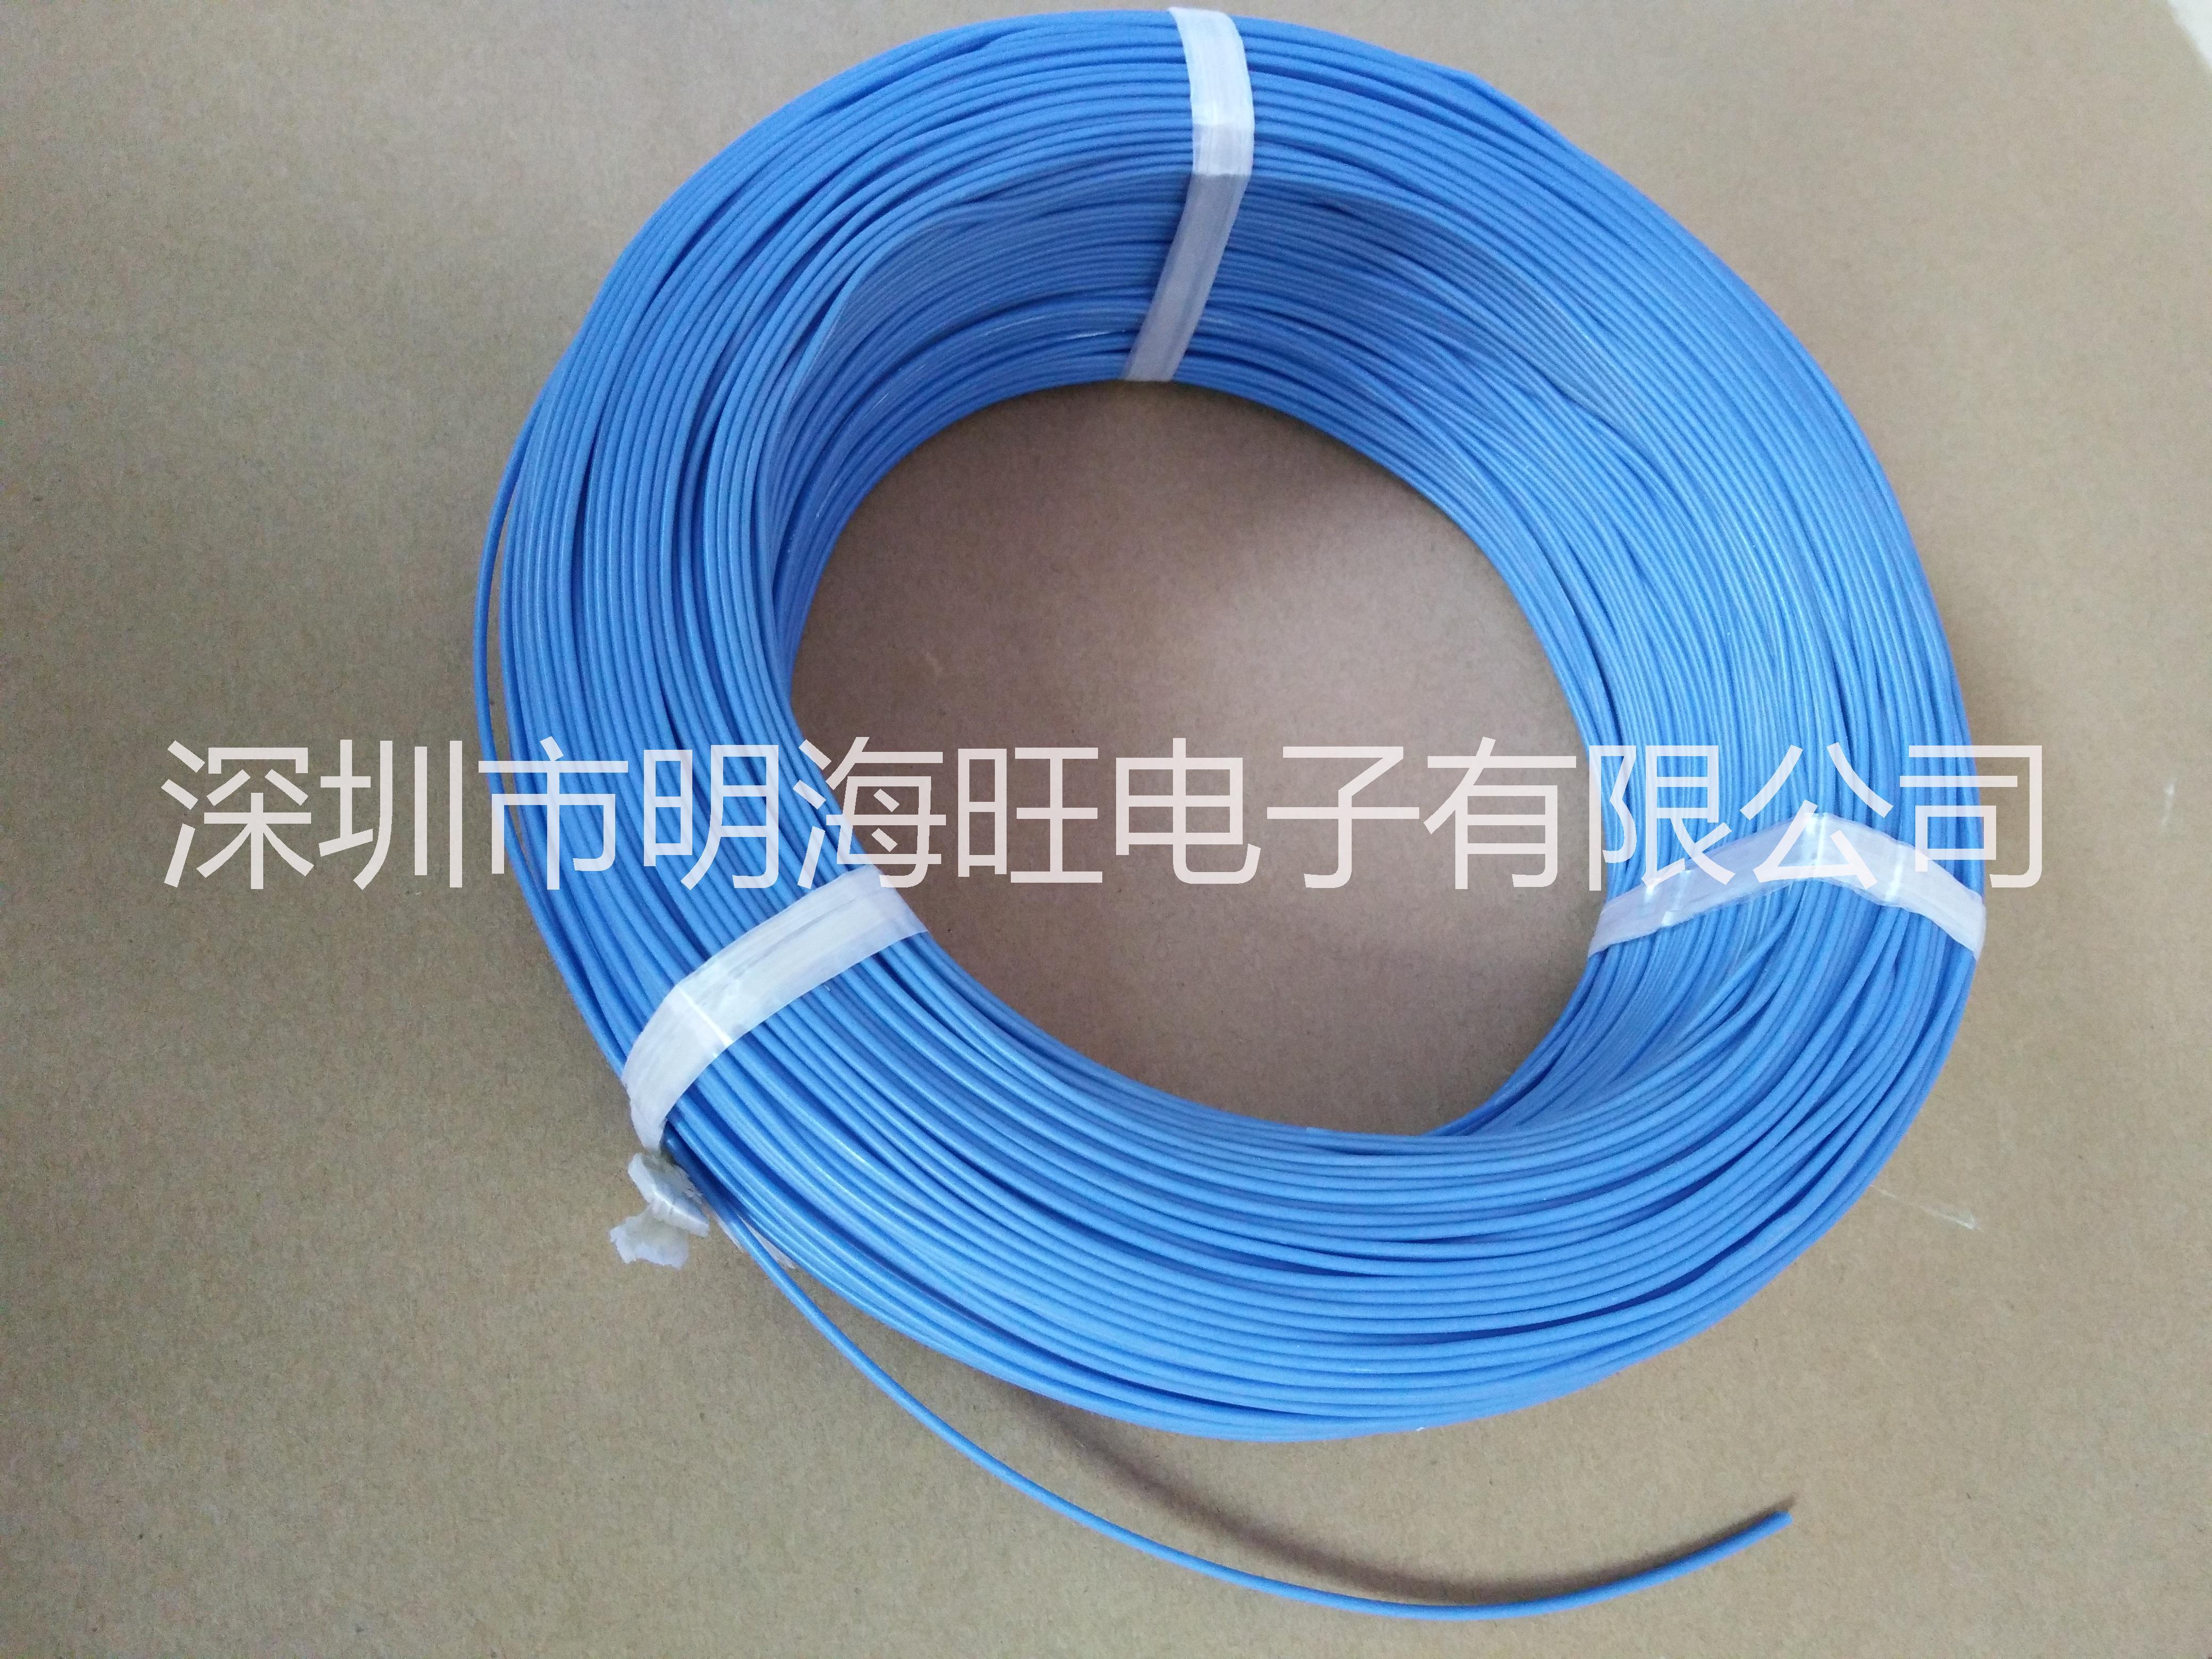 硅胶排线,硅胶软排线,耐高温排线,温度传感器线,灯饰灯具连接线